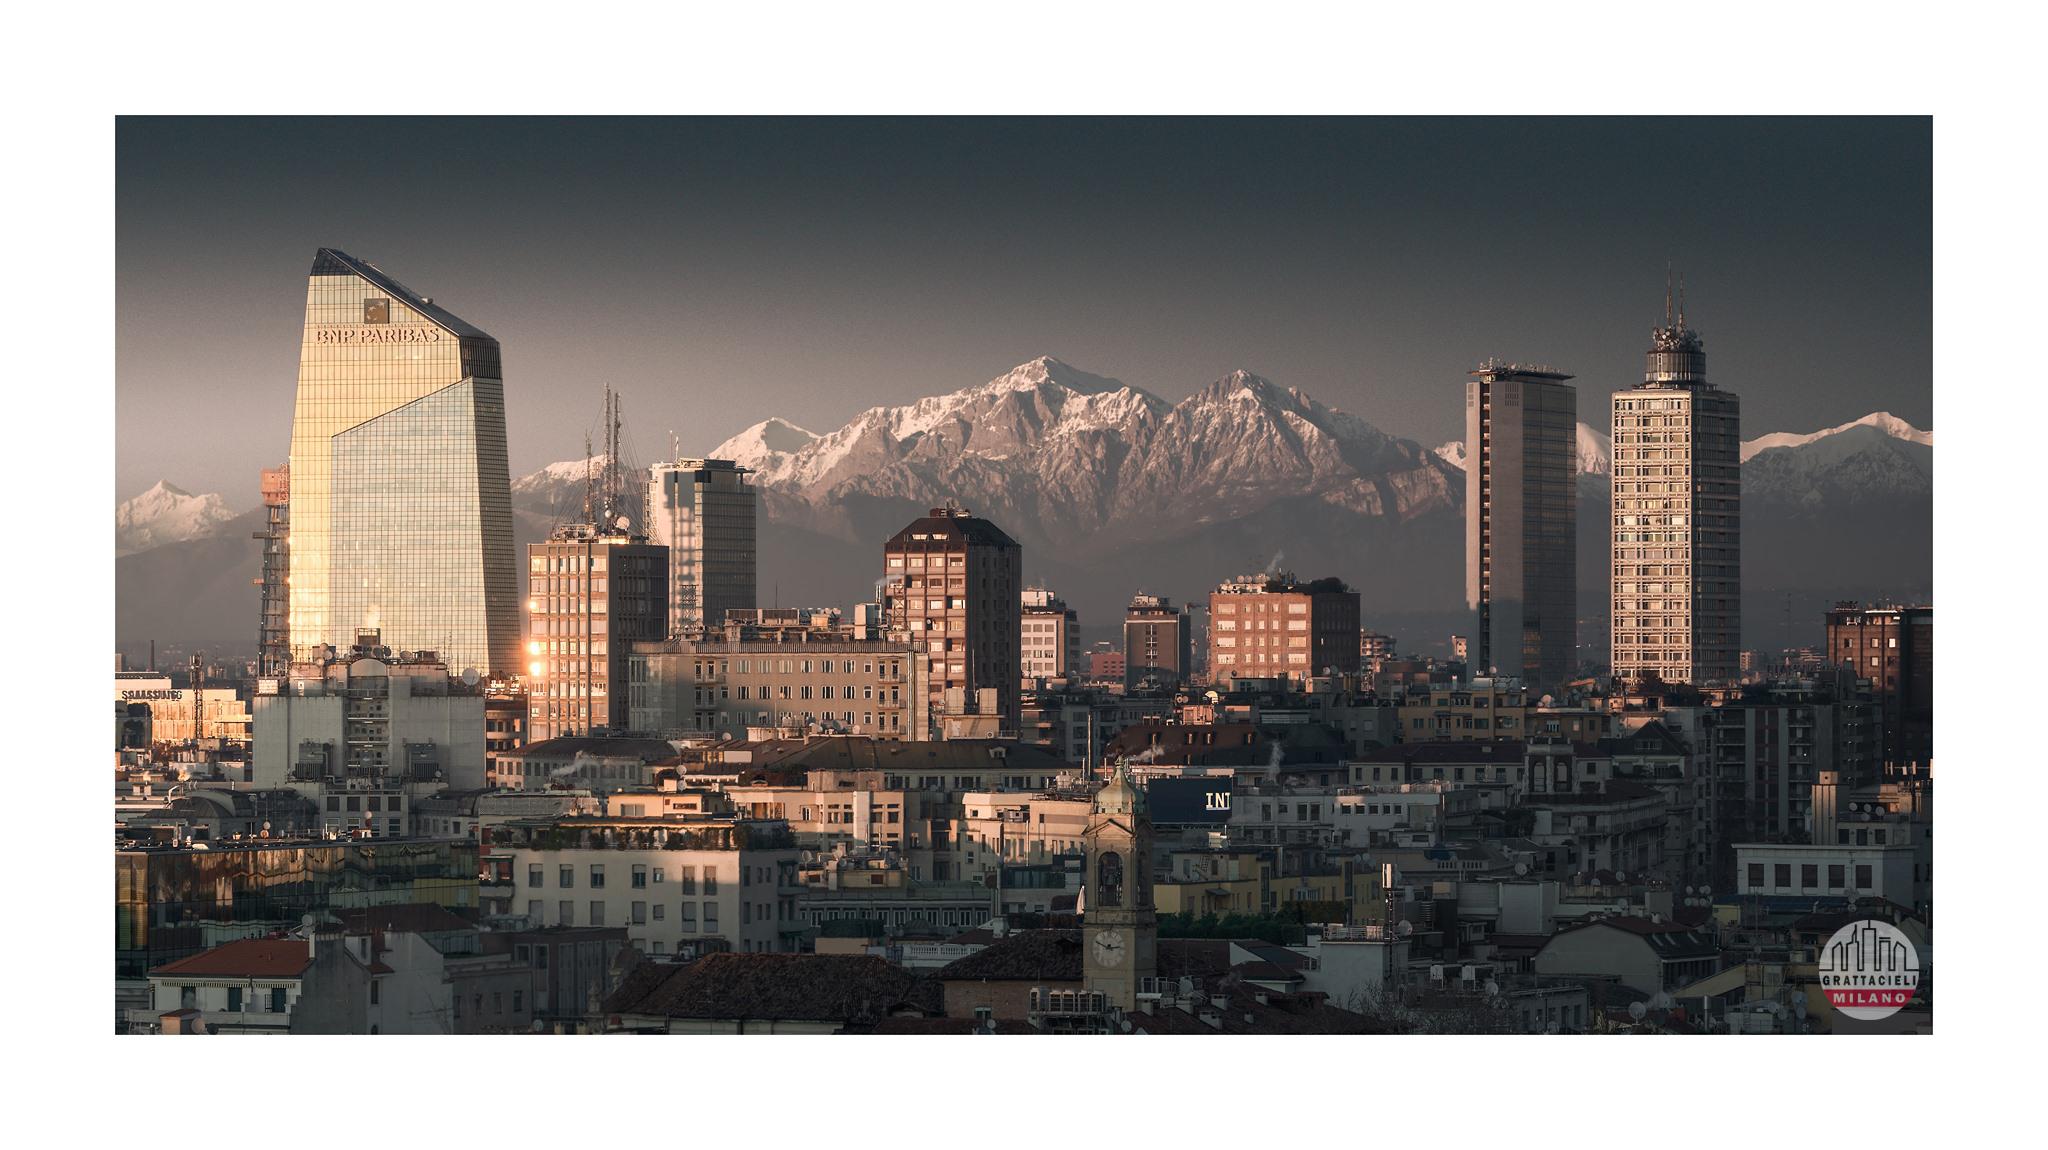 Skyline di Milano, visto dalle terrazze del Duomo - ©2019 Ludovico Balena